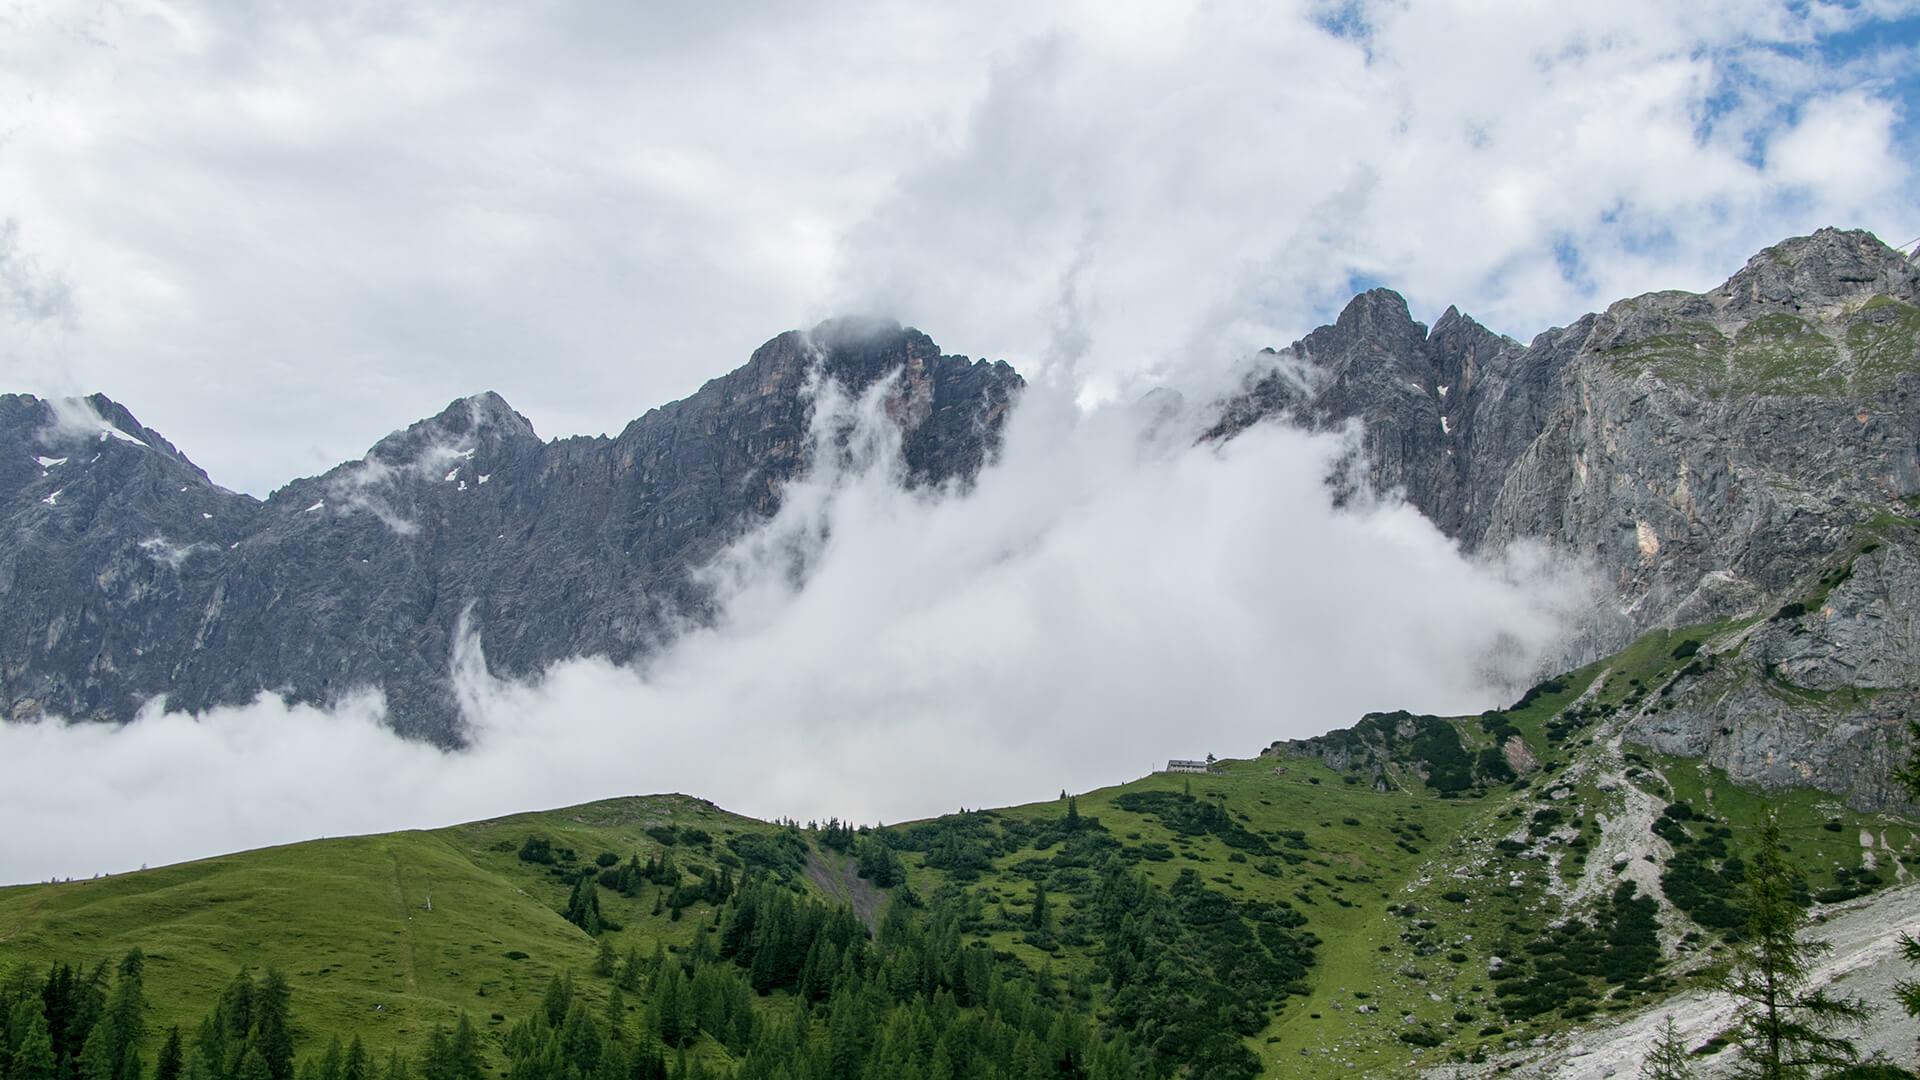 Klettersteig Dachstein : Anna erzherzog johann dachstein drei klettersteige führen auf